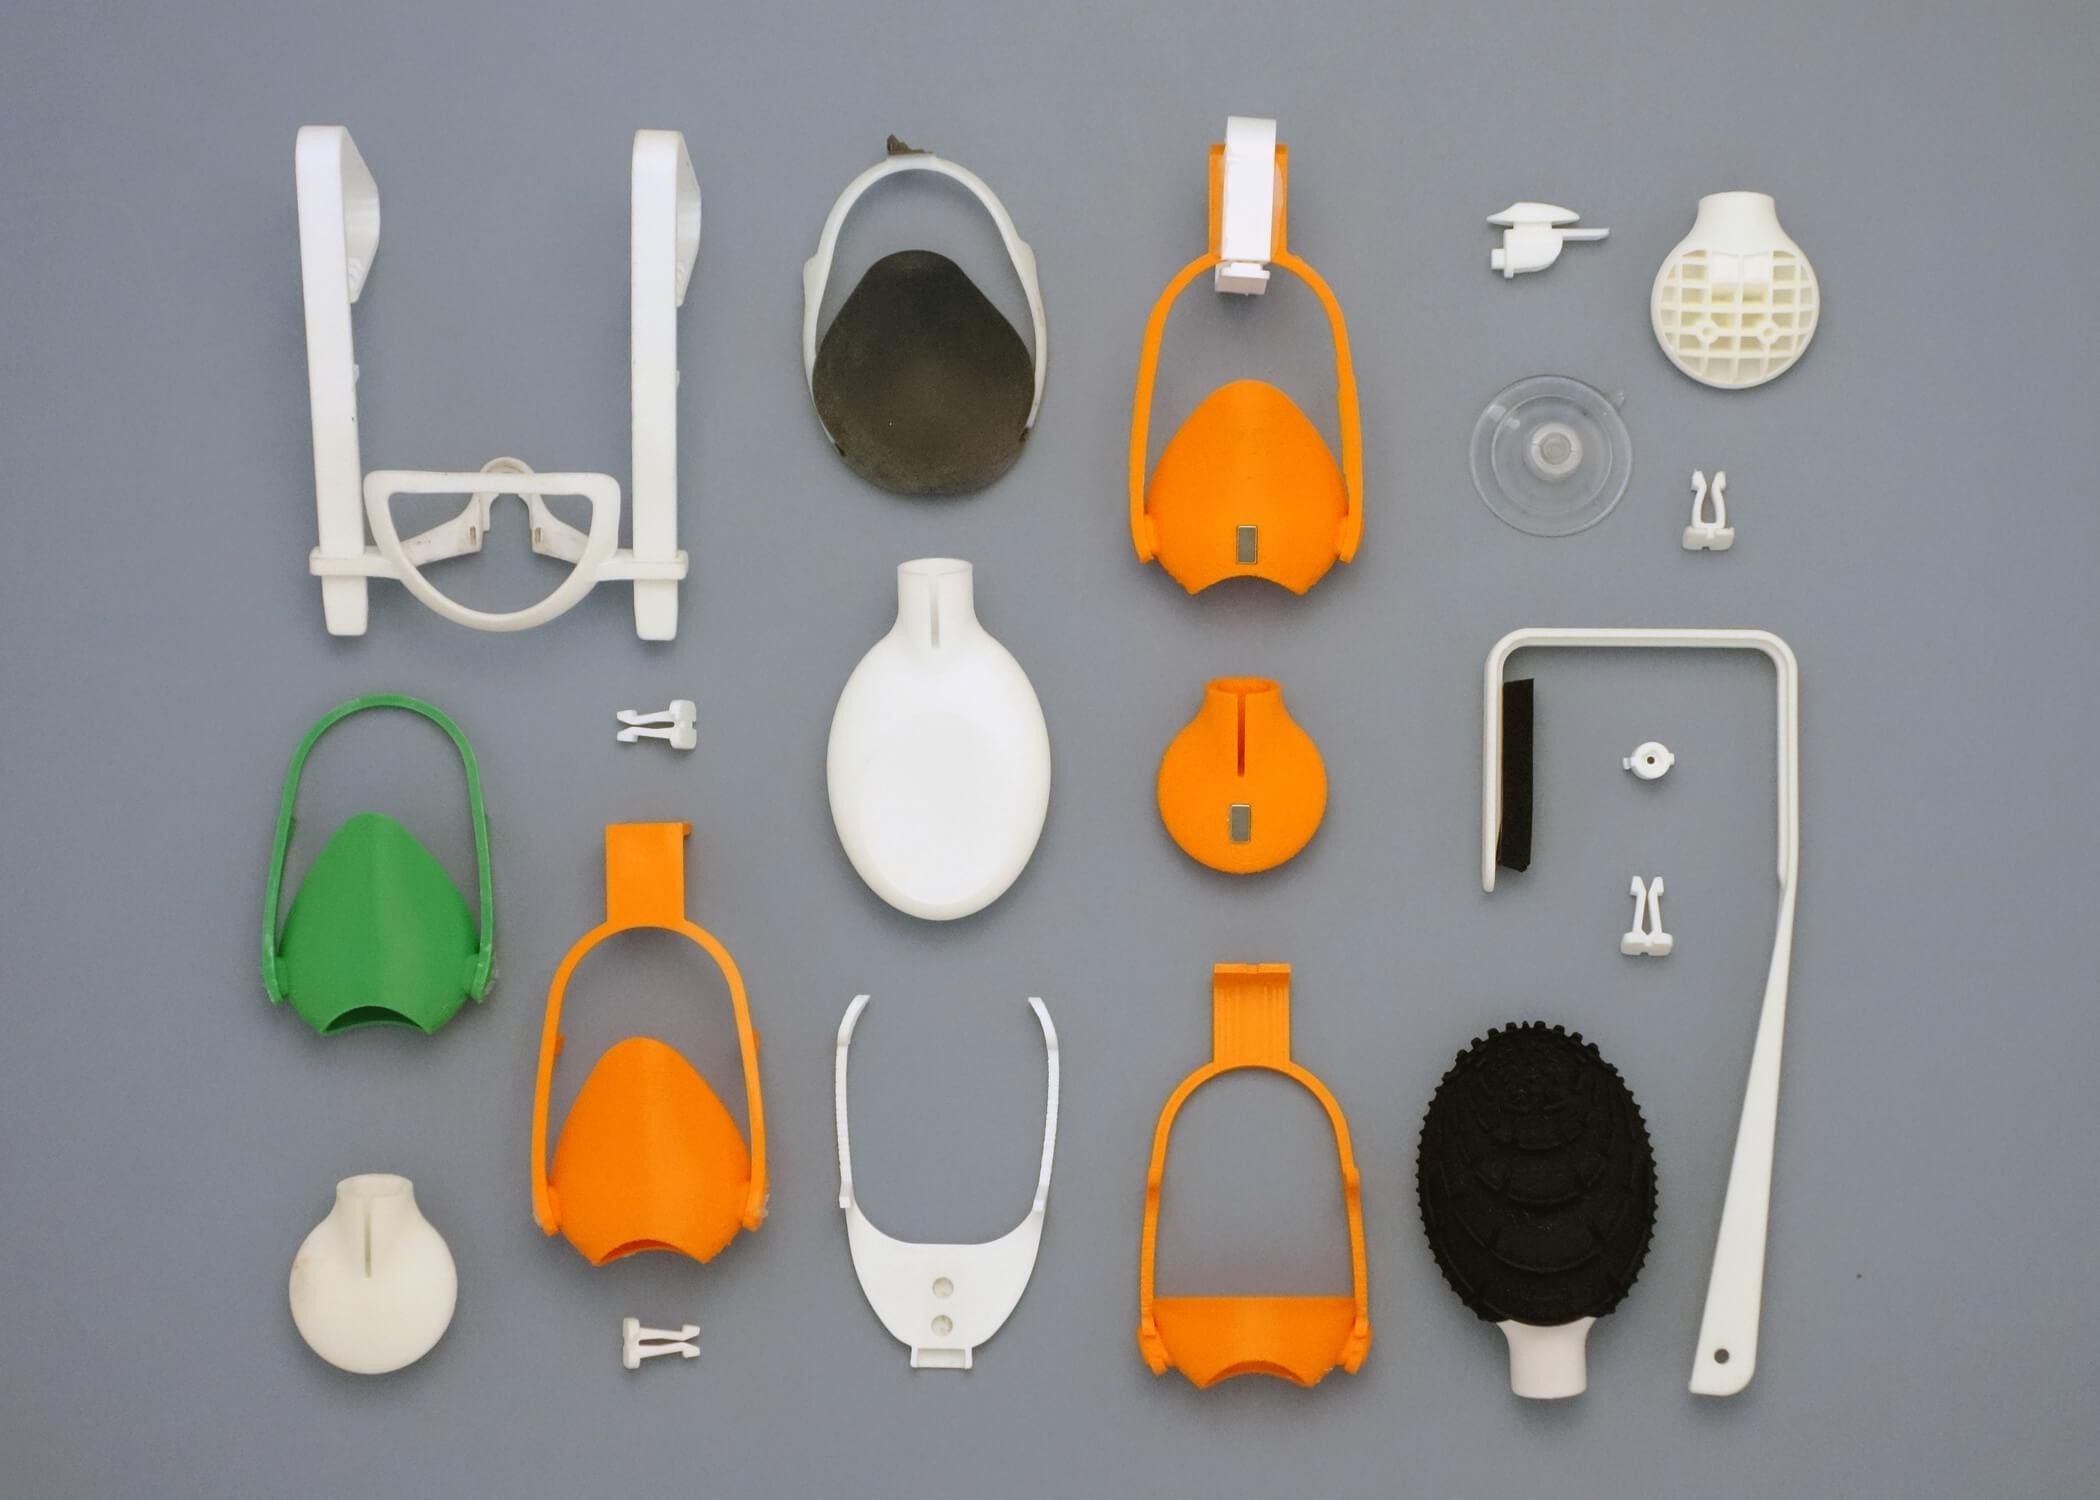 Flushbrush product design prototyping